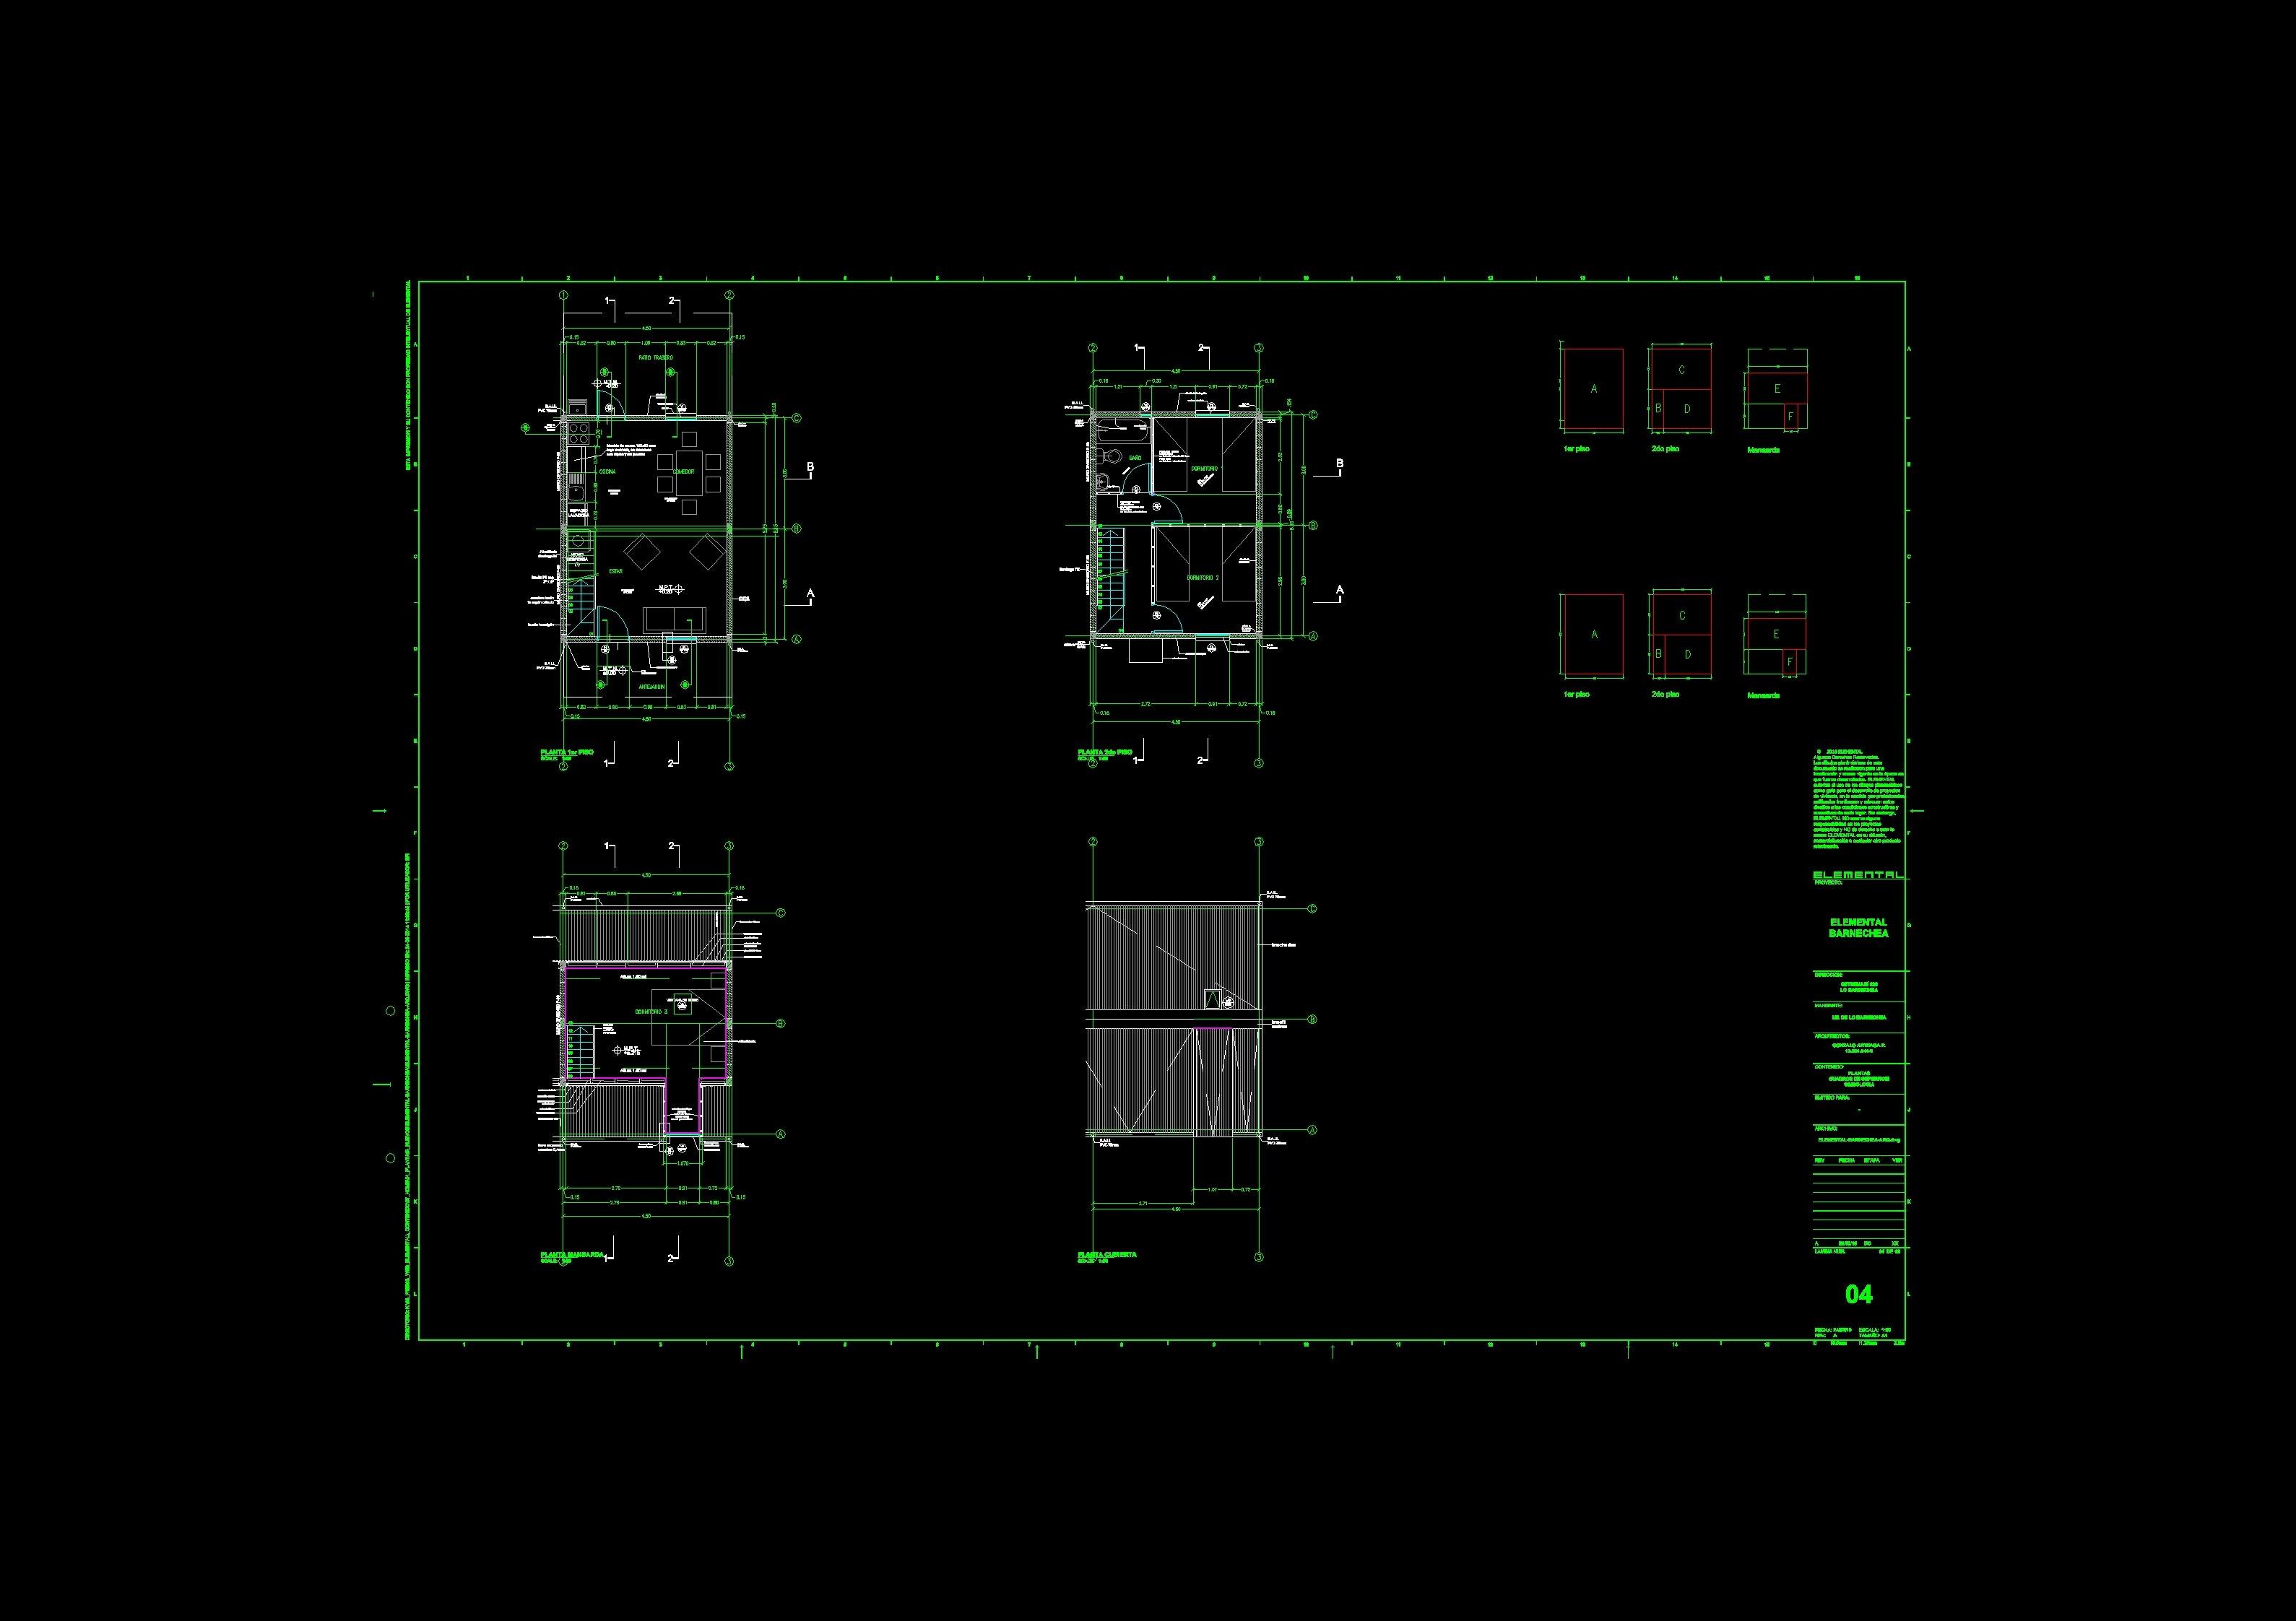 Proyecto de Aravena: Planos Arquitectónicos de BARNECHEA por Aravena